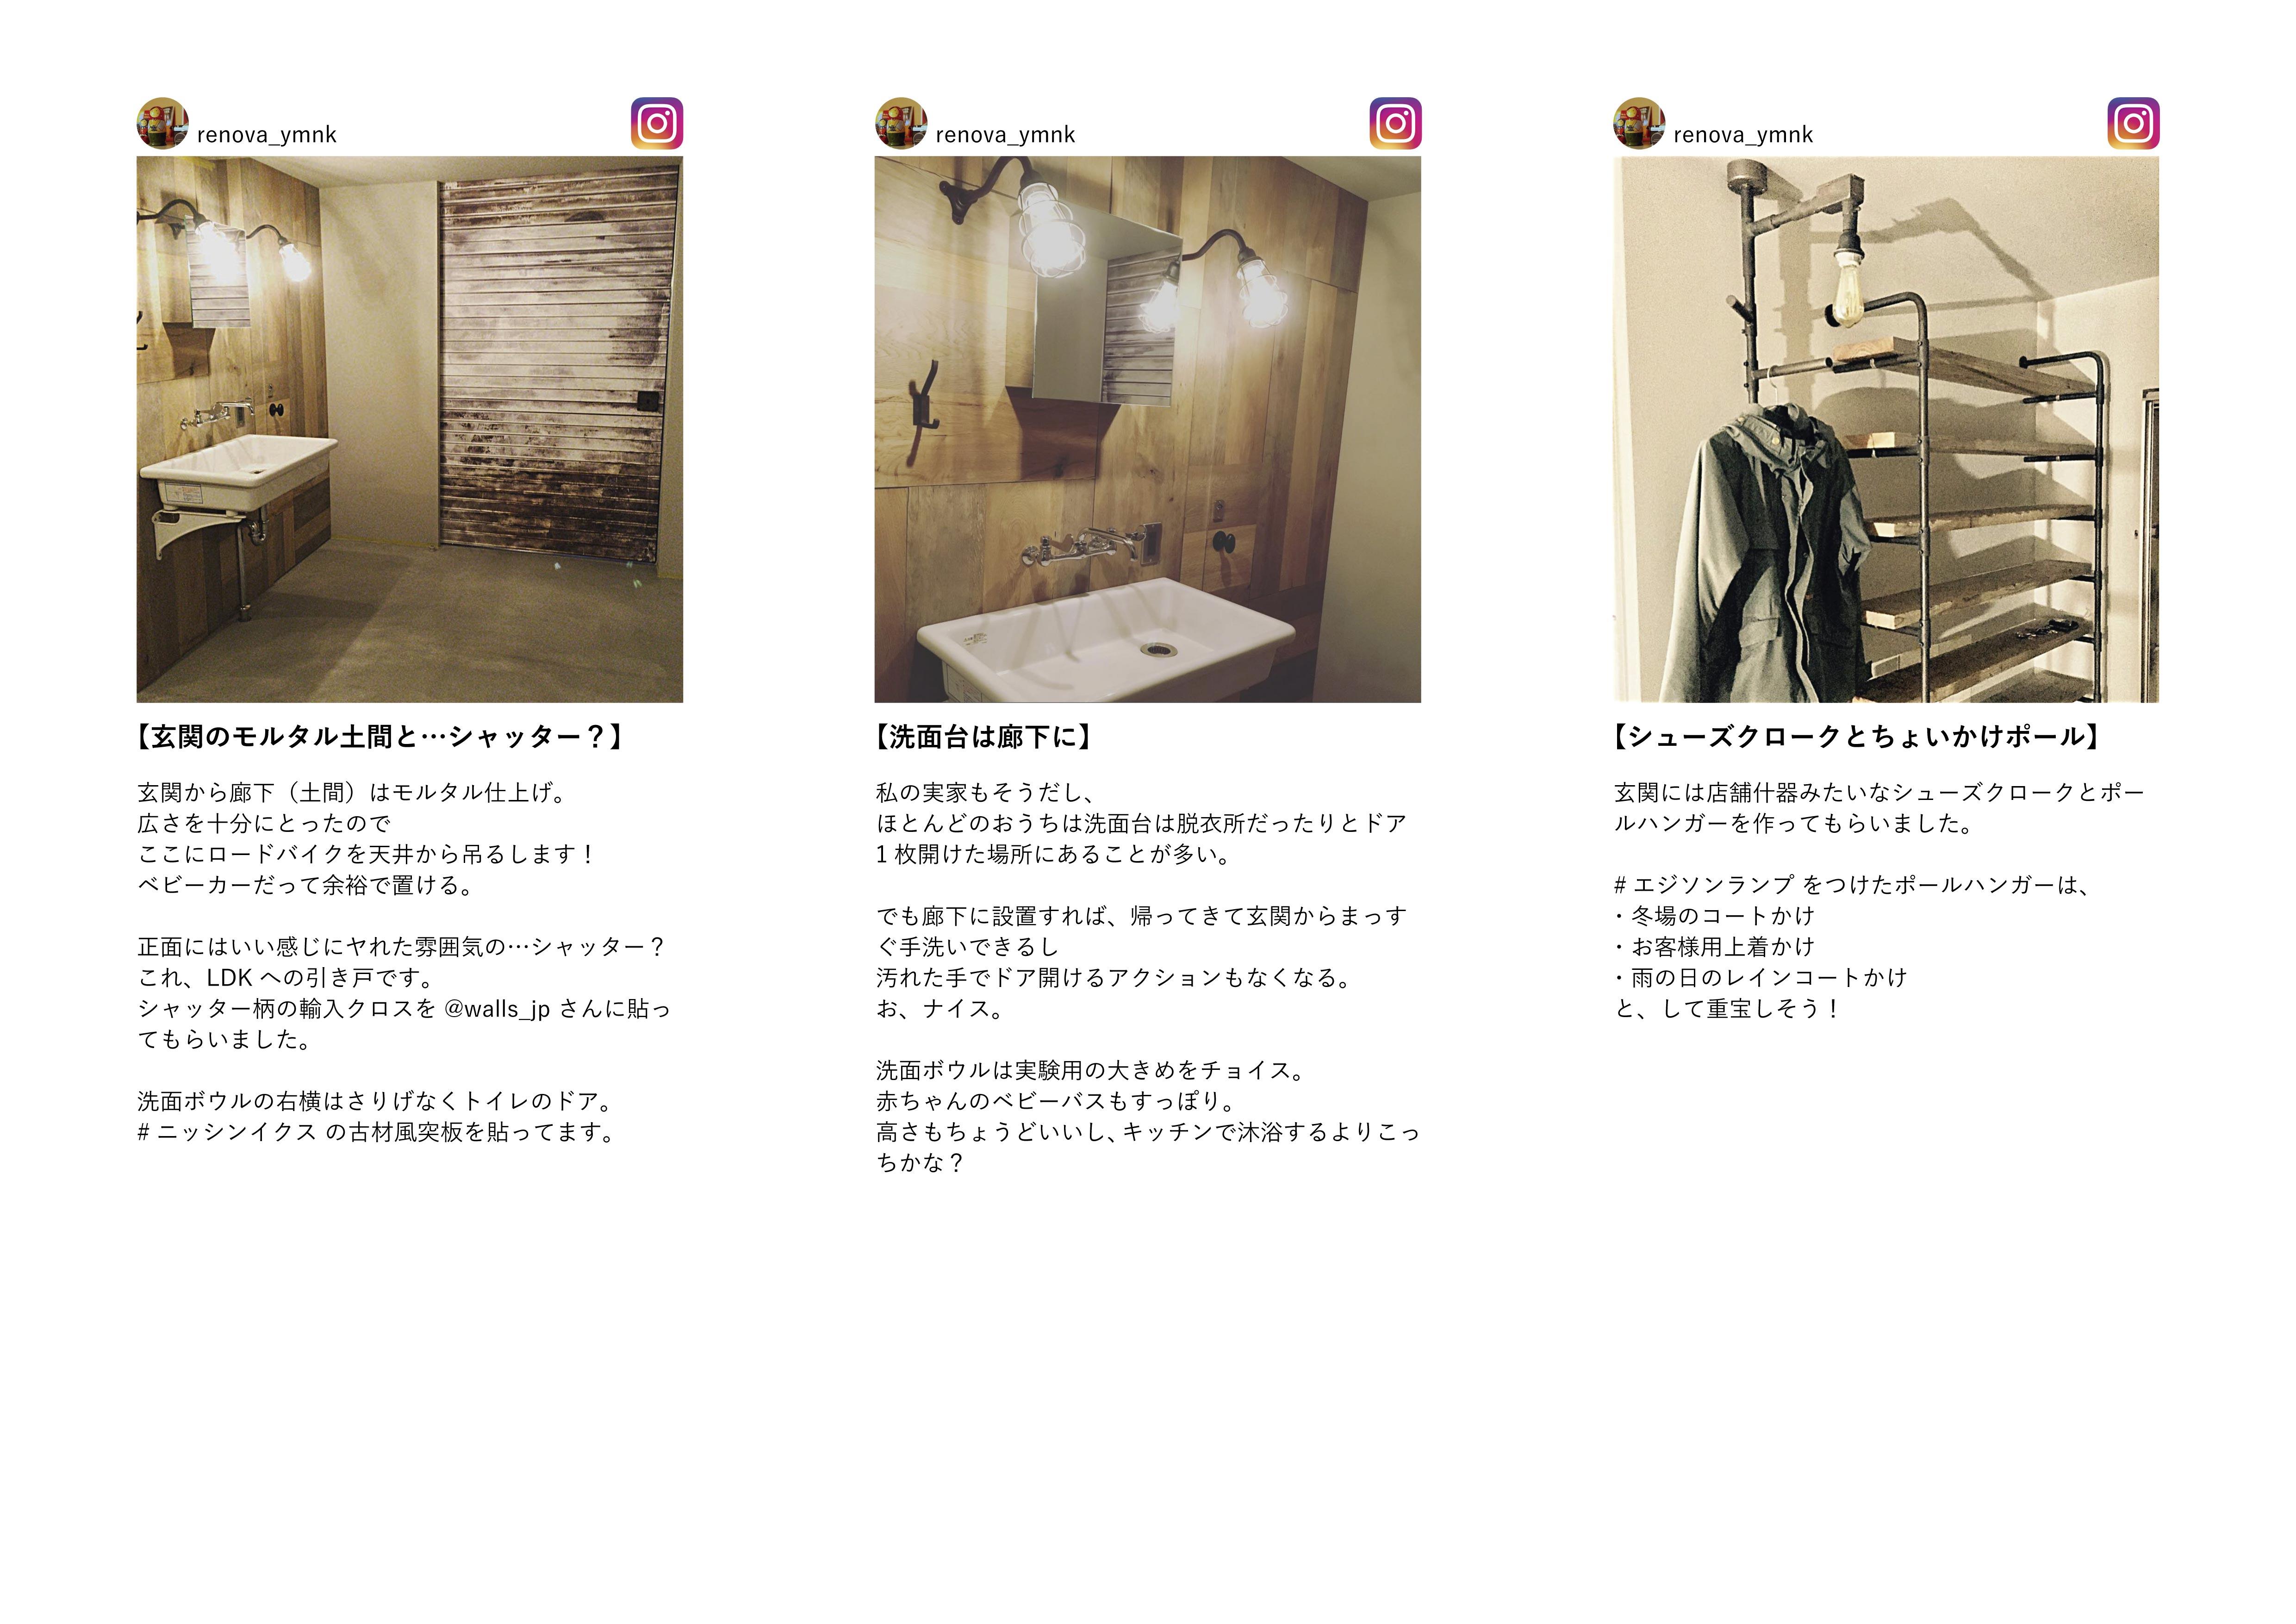 インダストリアル賃貸Instagram5